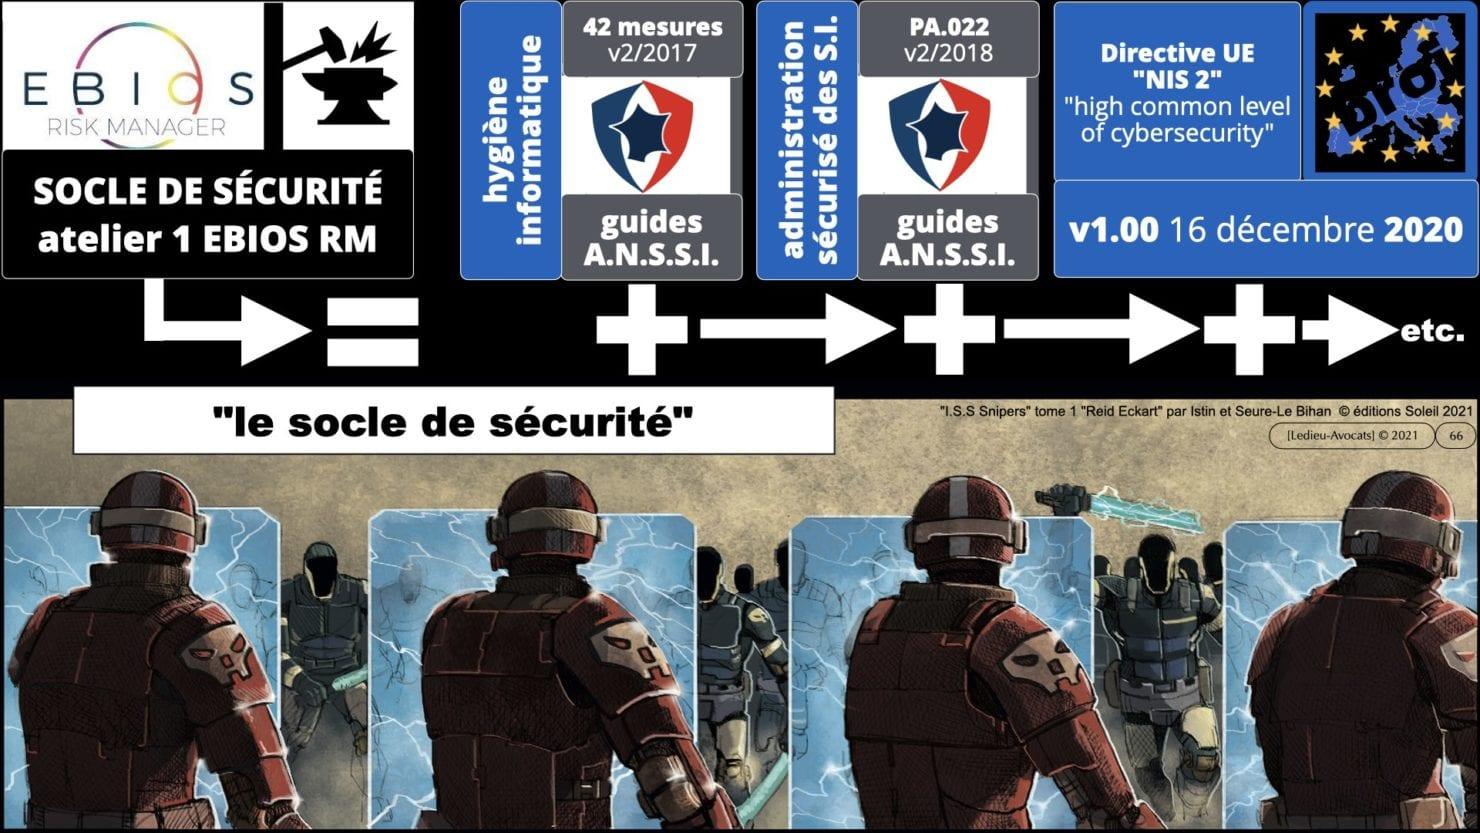 342 cyber sécurité #2 OIV OSE analyse risque EBIOS RM © Ledieu-avocat 15-07-2021.066